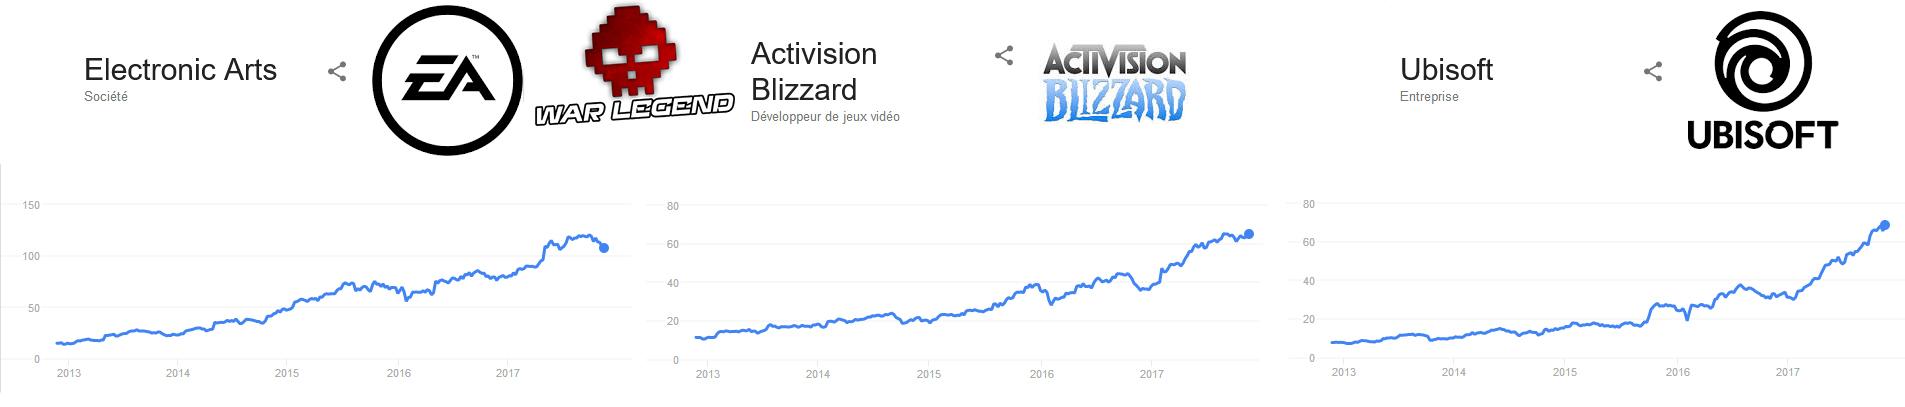 courbes d'évolution des prix des actions EA Activision Blizzard Ubisoft